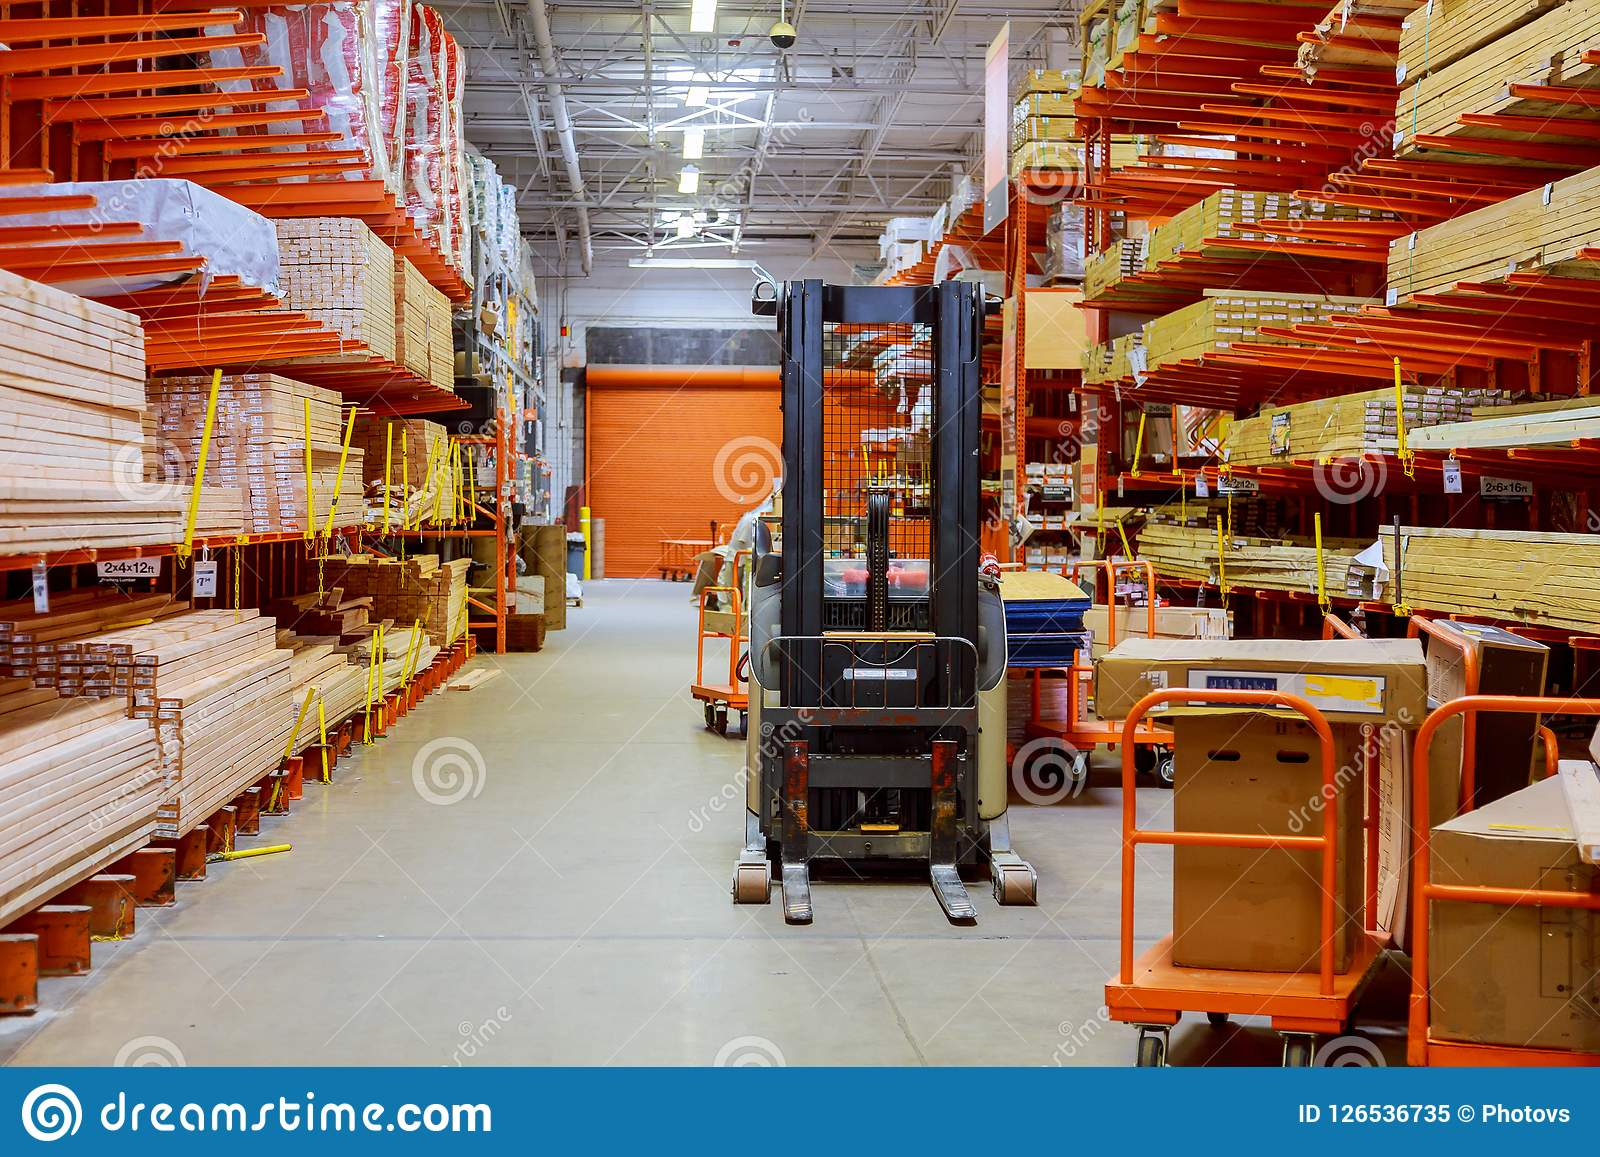 Building Materials Warehouse, Logistics Concept